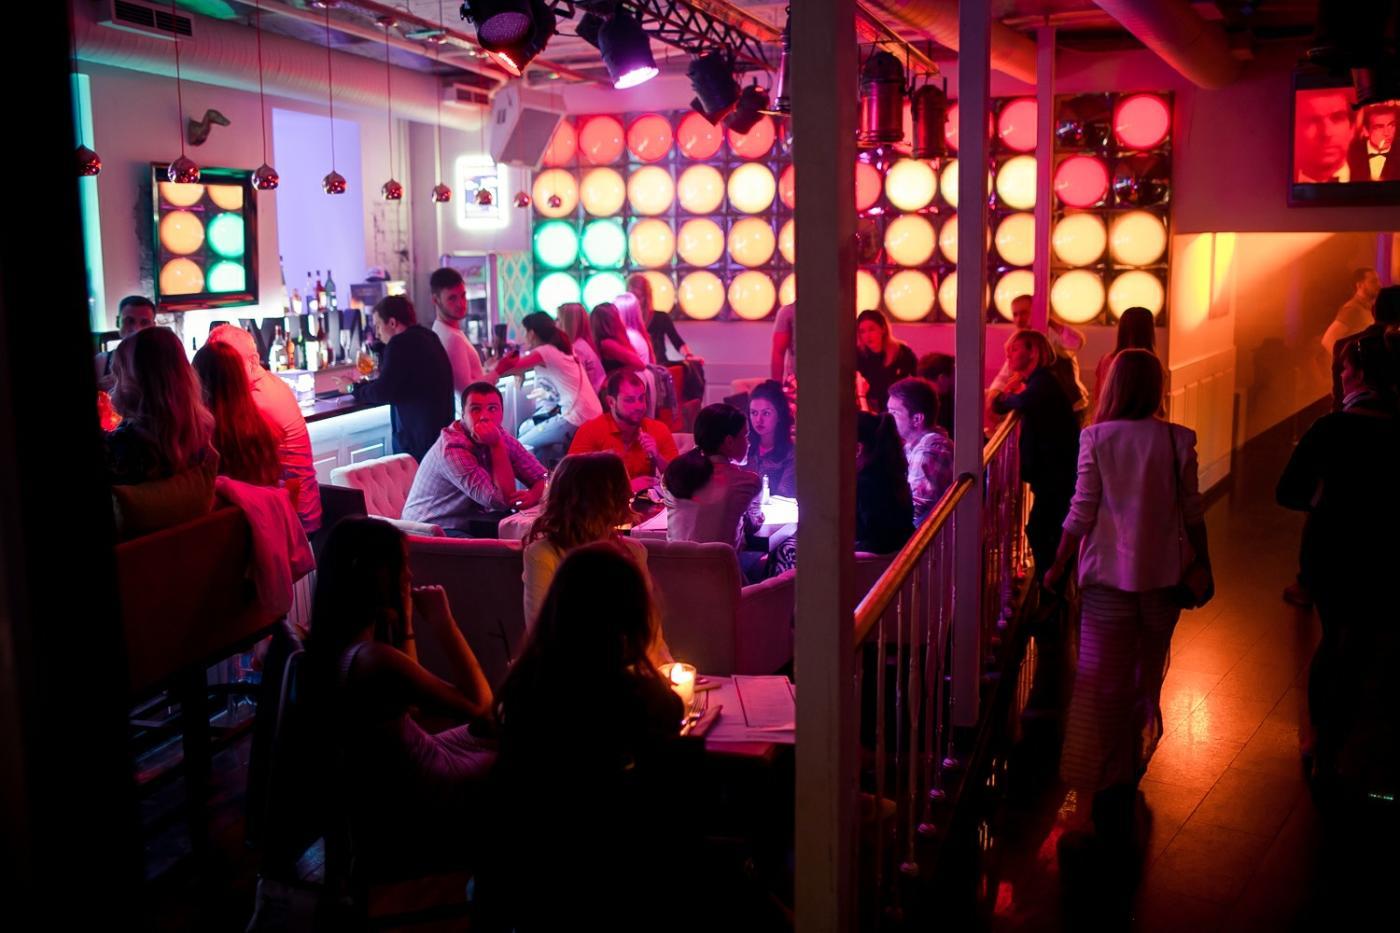 Клуб моника белуччи в москве ночная сказка клуб